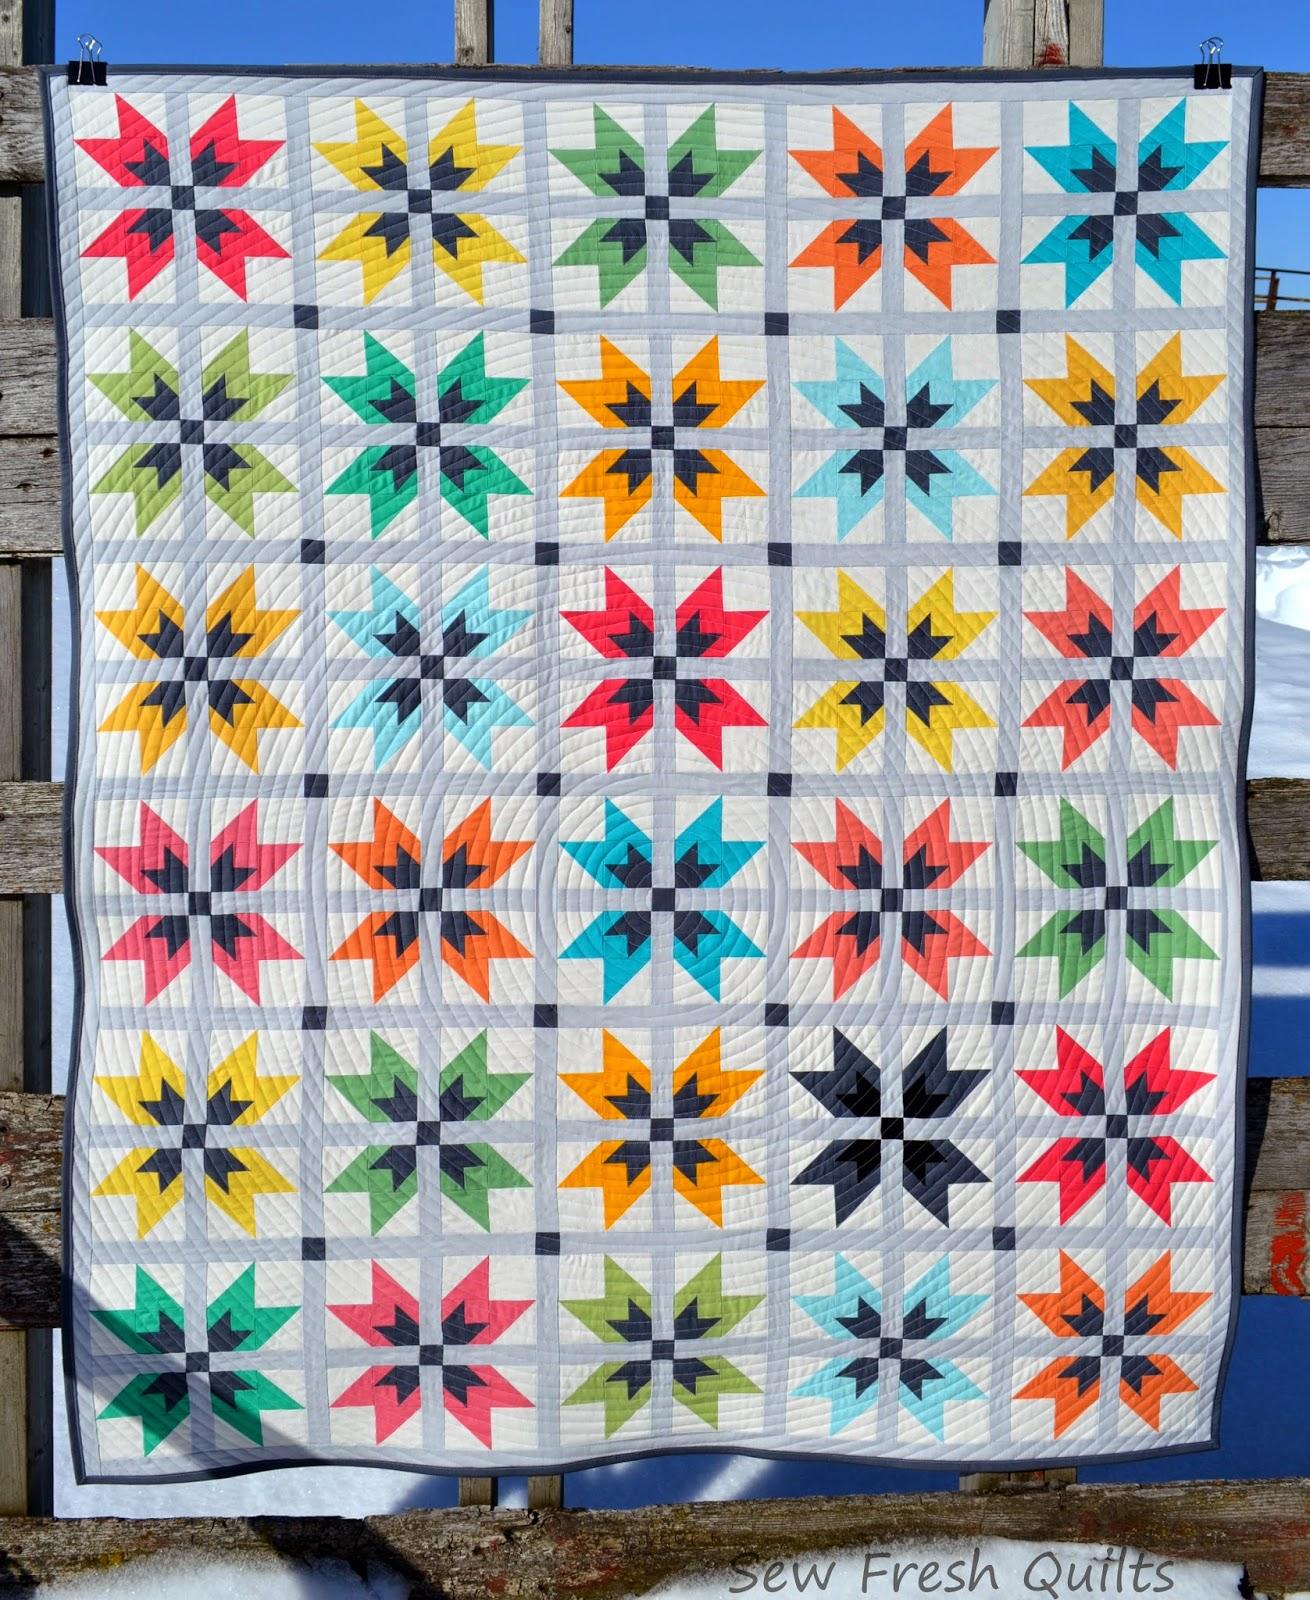 http://sewfreshquilts.blogspot.ca/2015/02/wow-e-custom-quilt